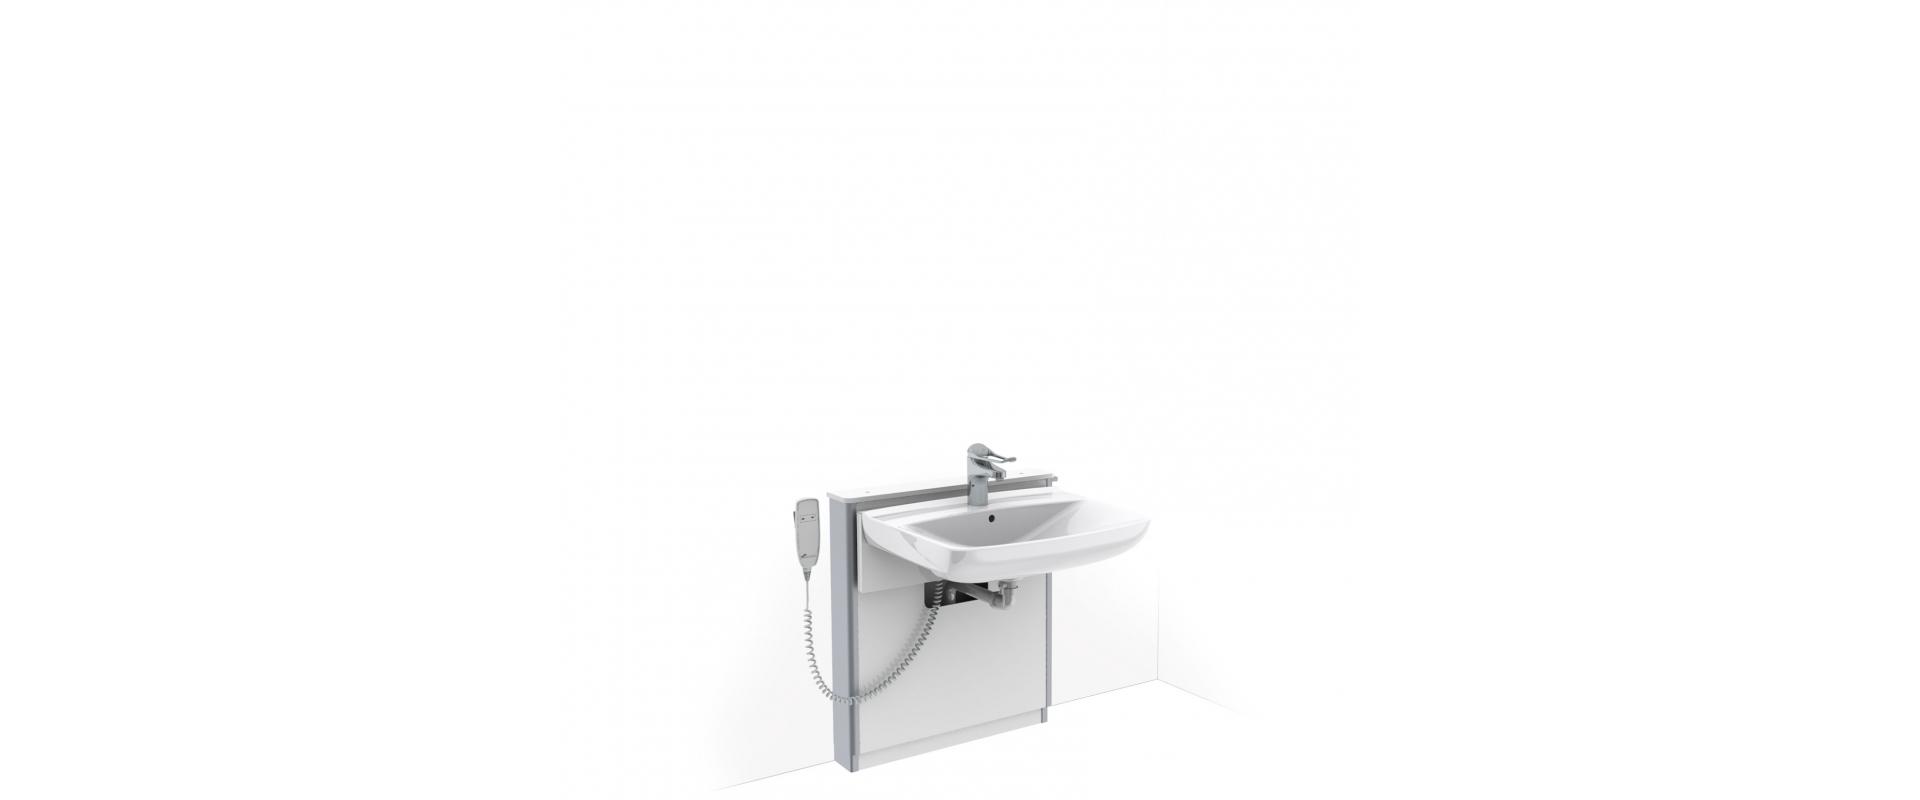 <b>Tvättställsmodul BASICLINE 415-11</b>